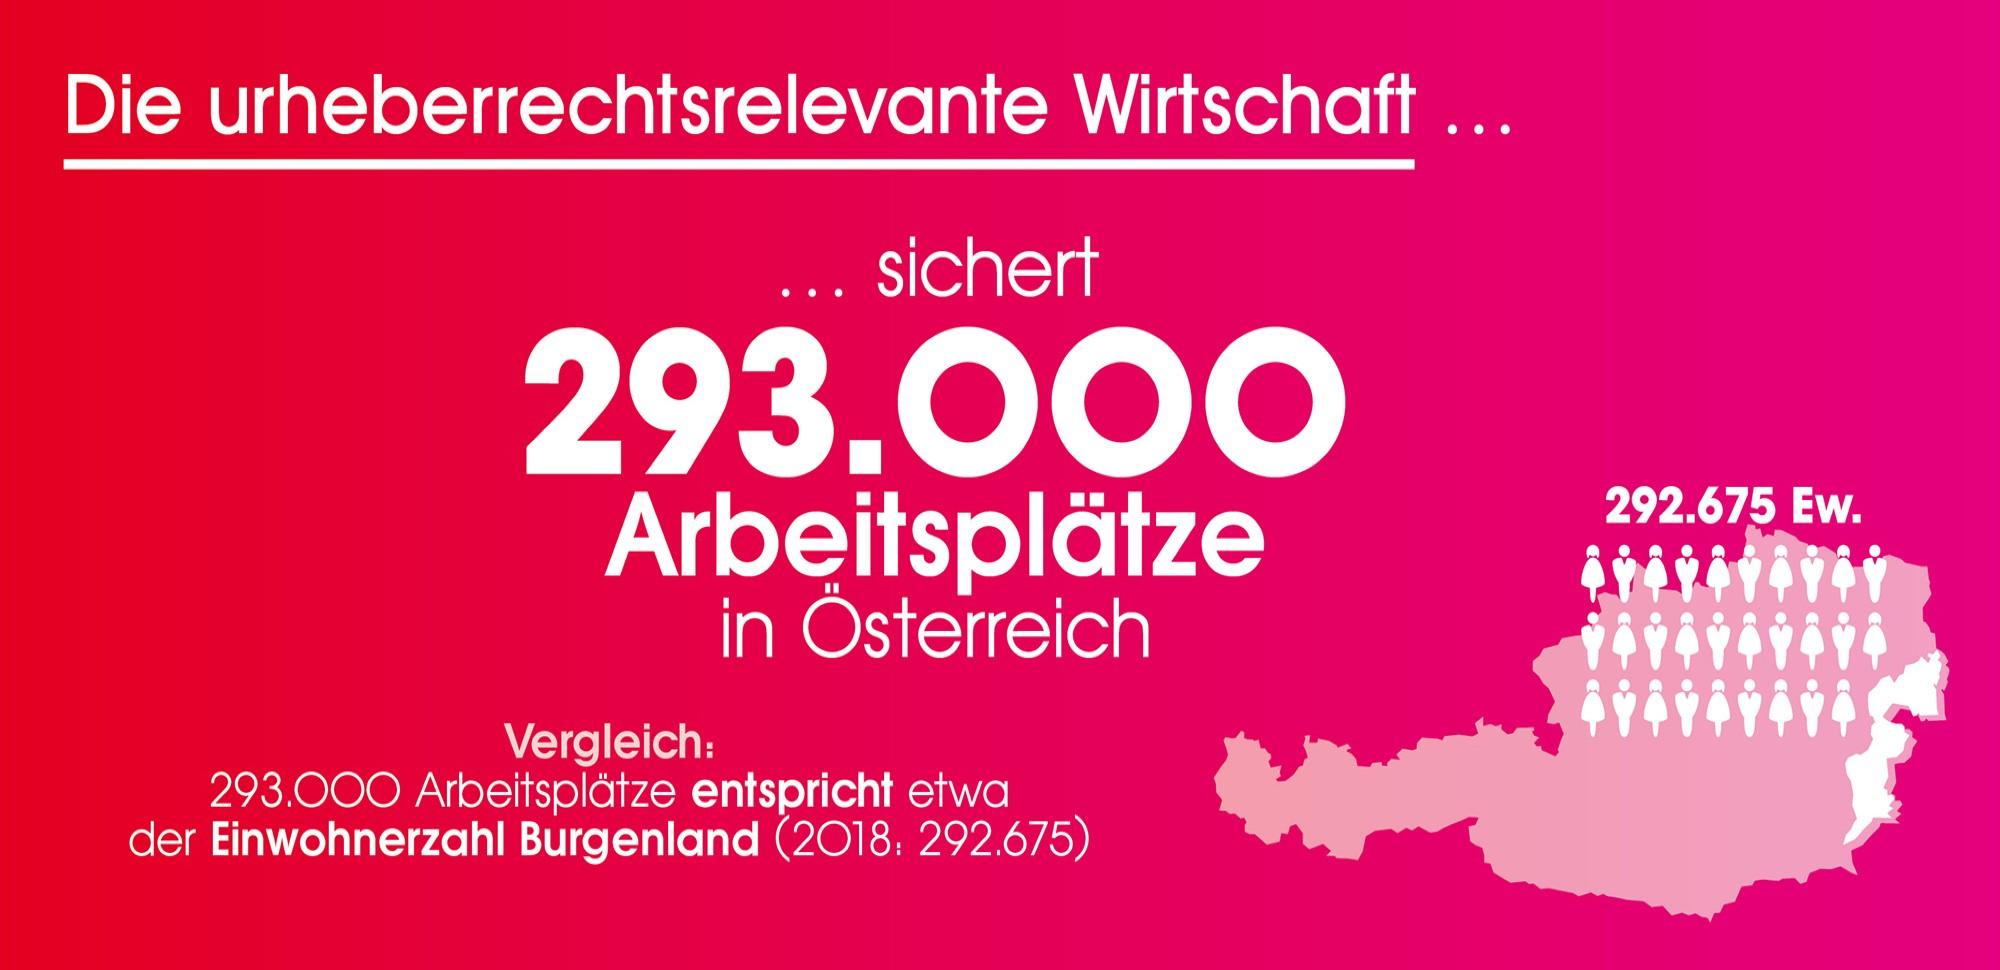 Die urheberrechtsrelevante Wirtschaft sichert 293.000 Arbeitsplätze in Österreich